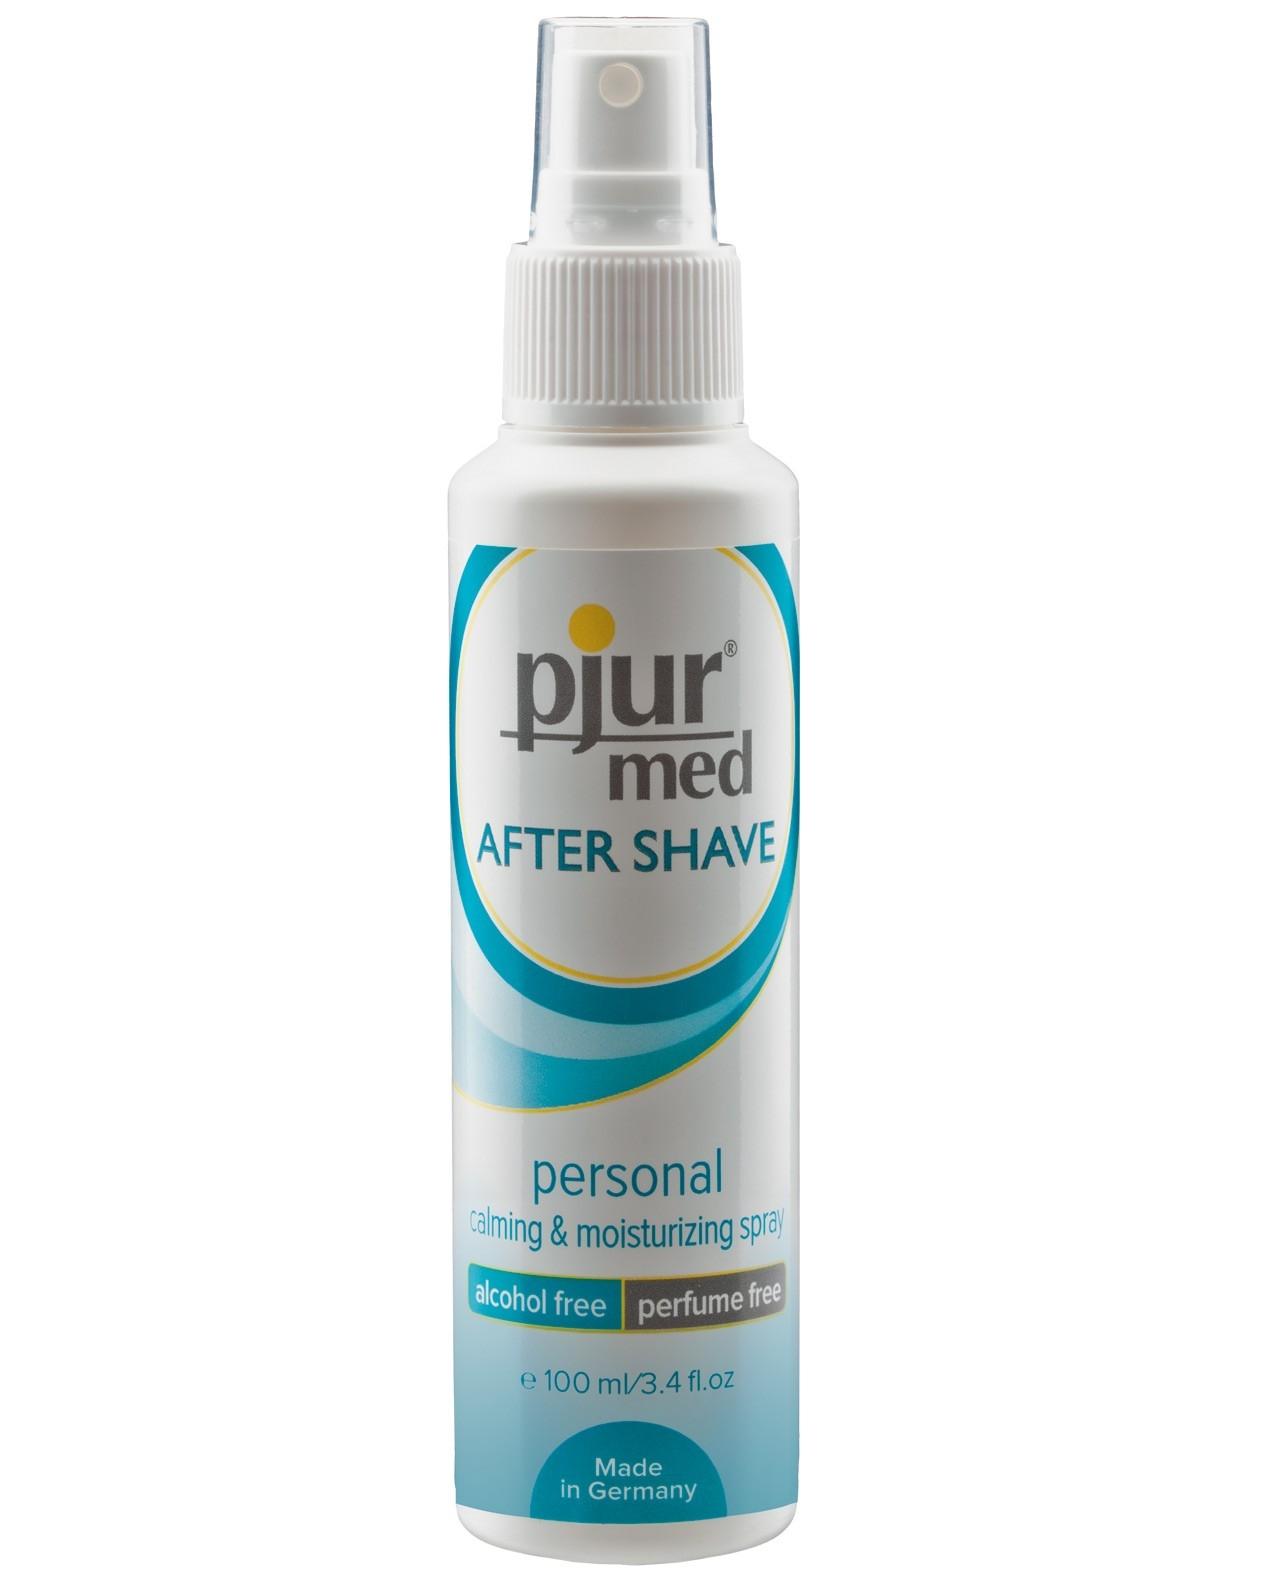 Pjur Med Aftershave - 100 ml Bottle